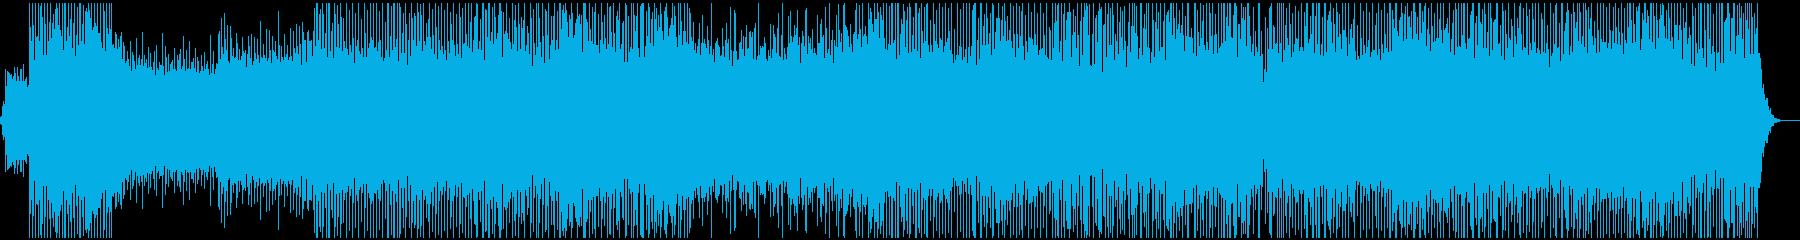 軽快なダンスミュージックの再生済みの波形